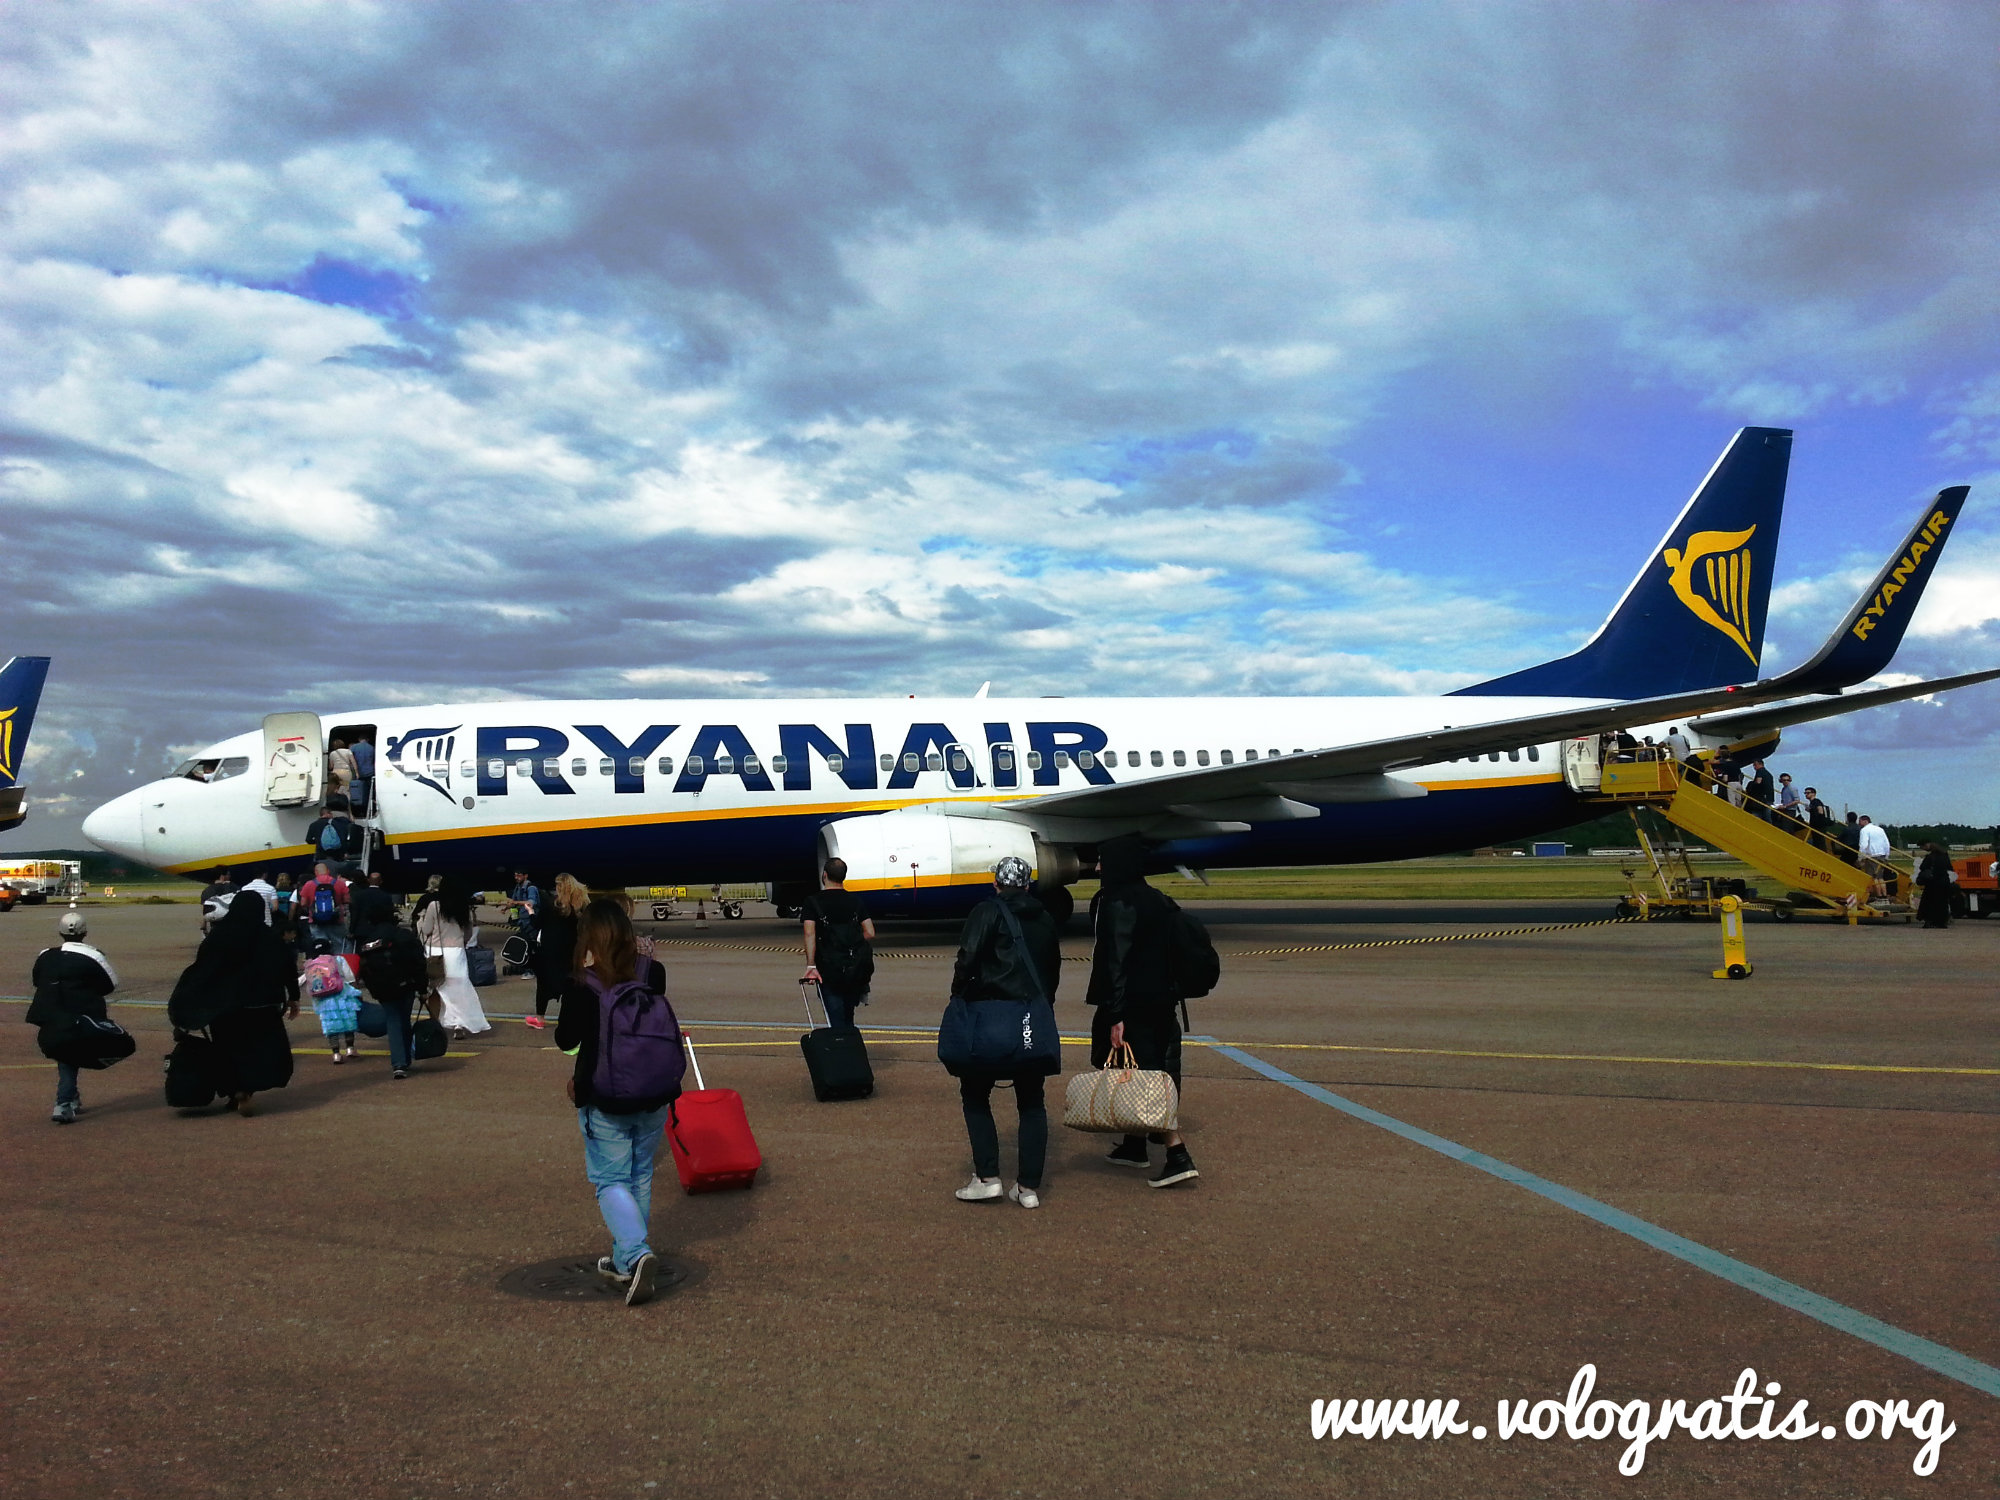 Voli Ryanair scontati del 20% e a partire da € 7,99